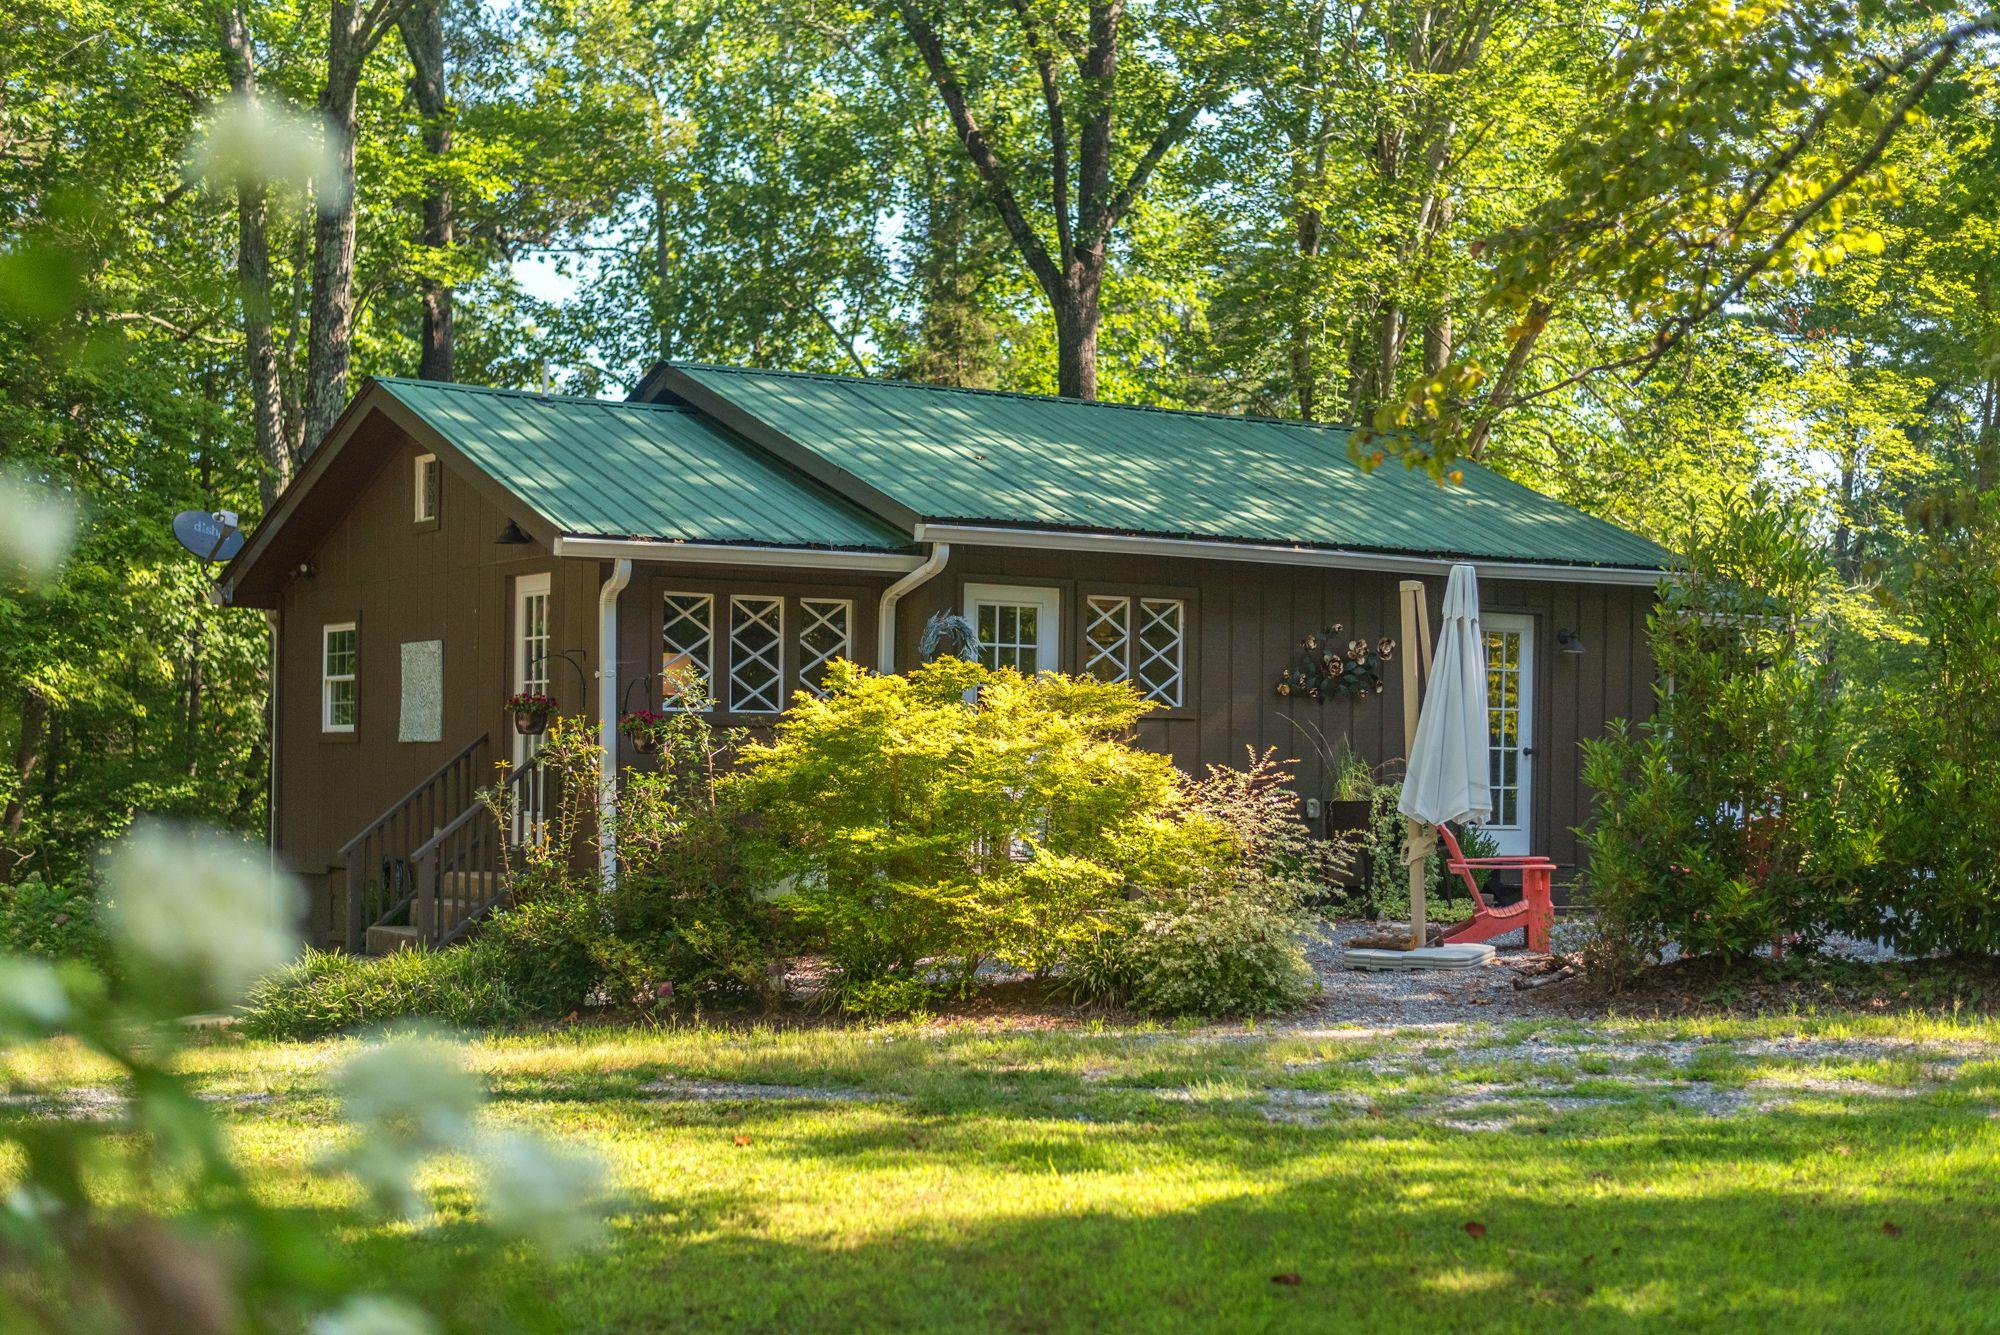 Gypsy Cottage